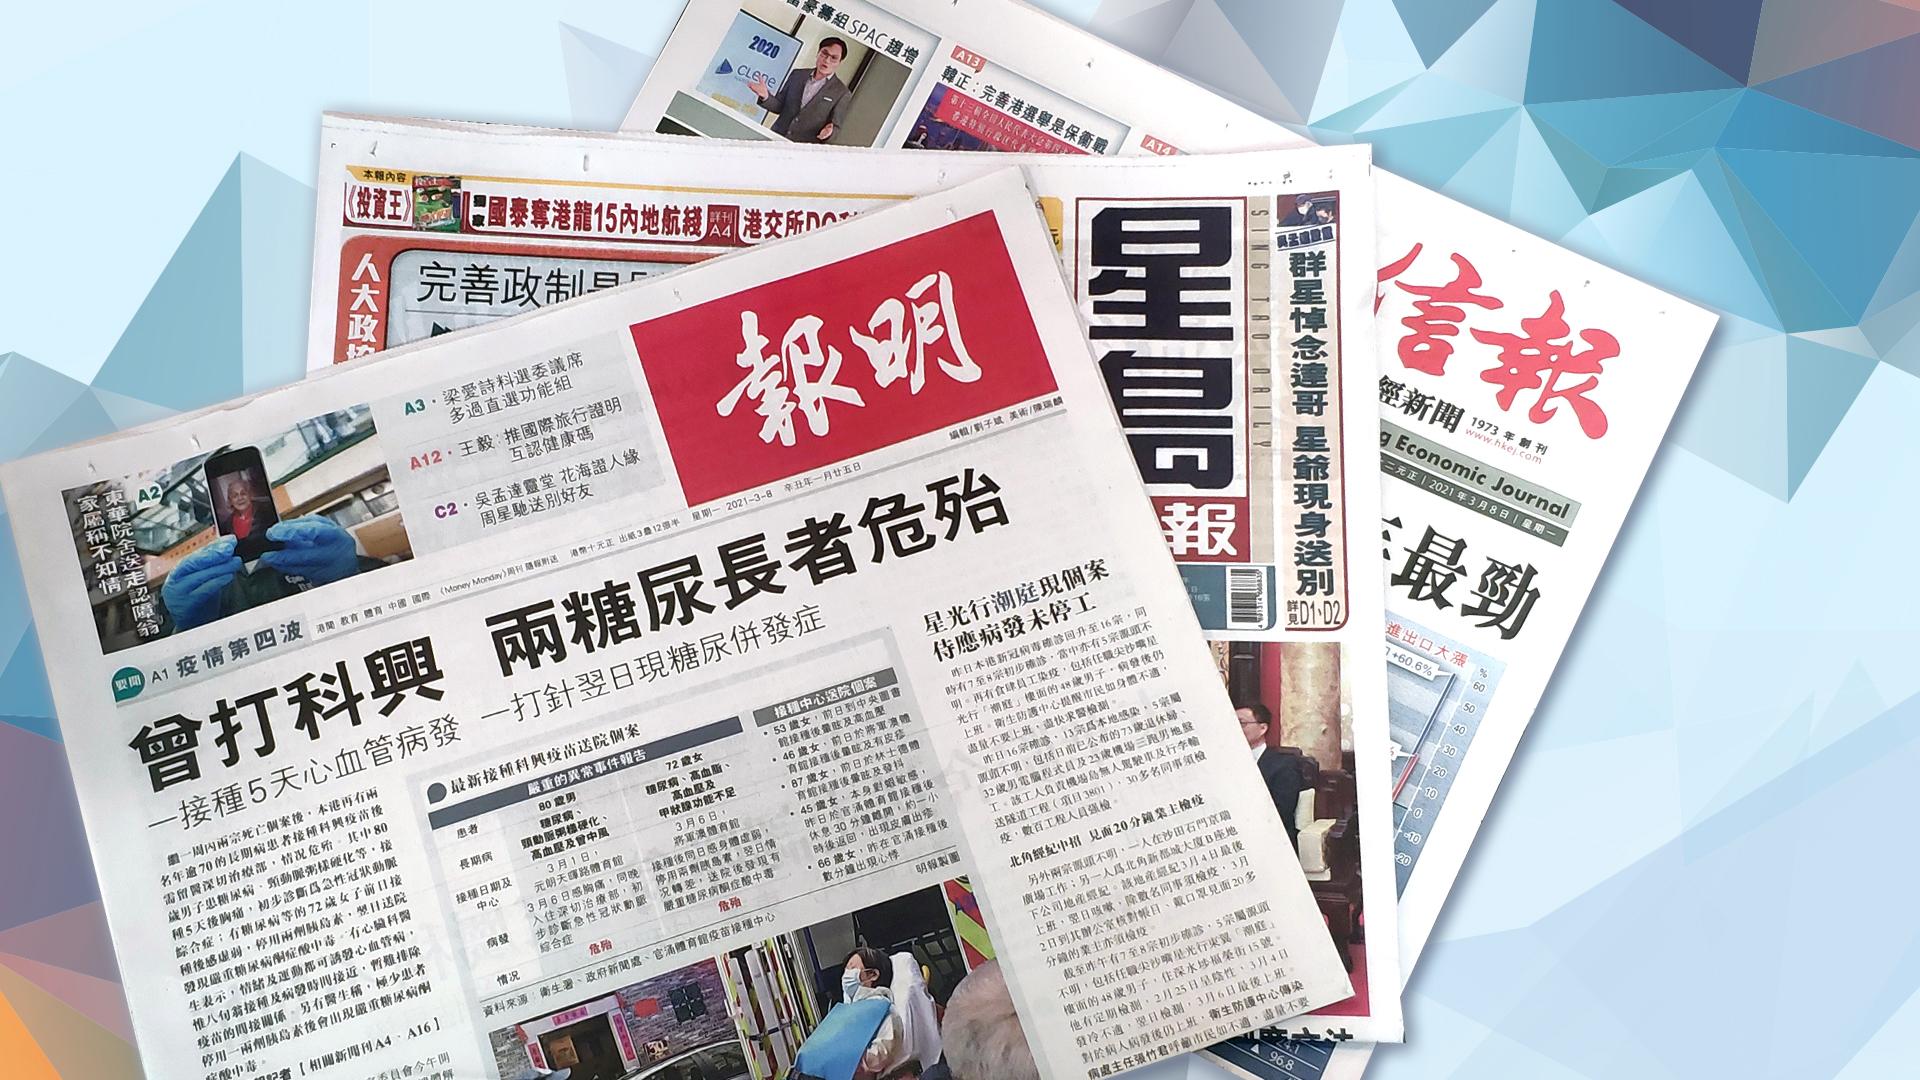 【報章A1速覽】曾打科興 兩糖尿長者危殆;保衞國家主權安全 韓正:中央無退路 完善政制是「顛覆和反顛覆的鬥爭」